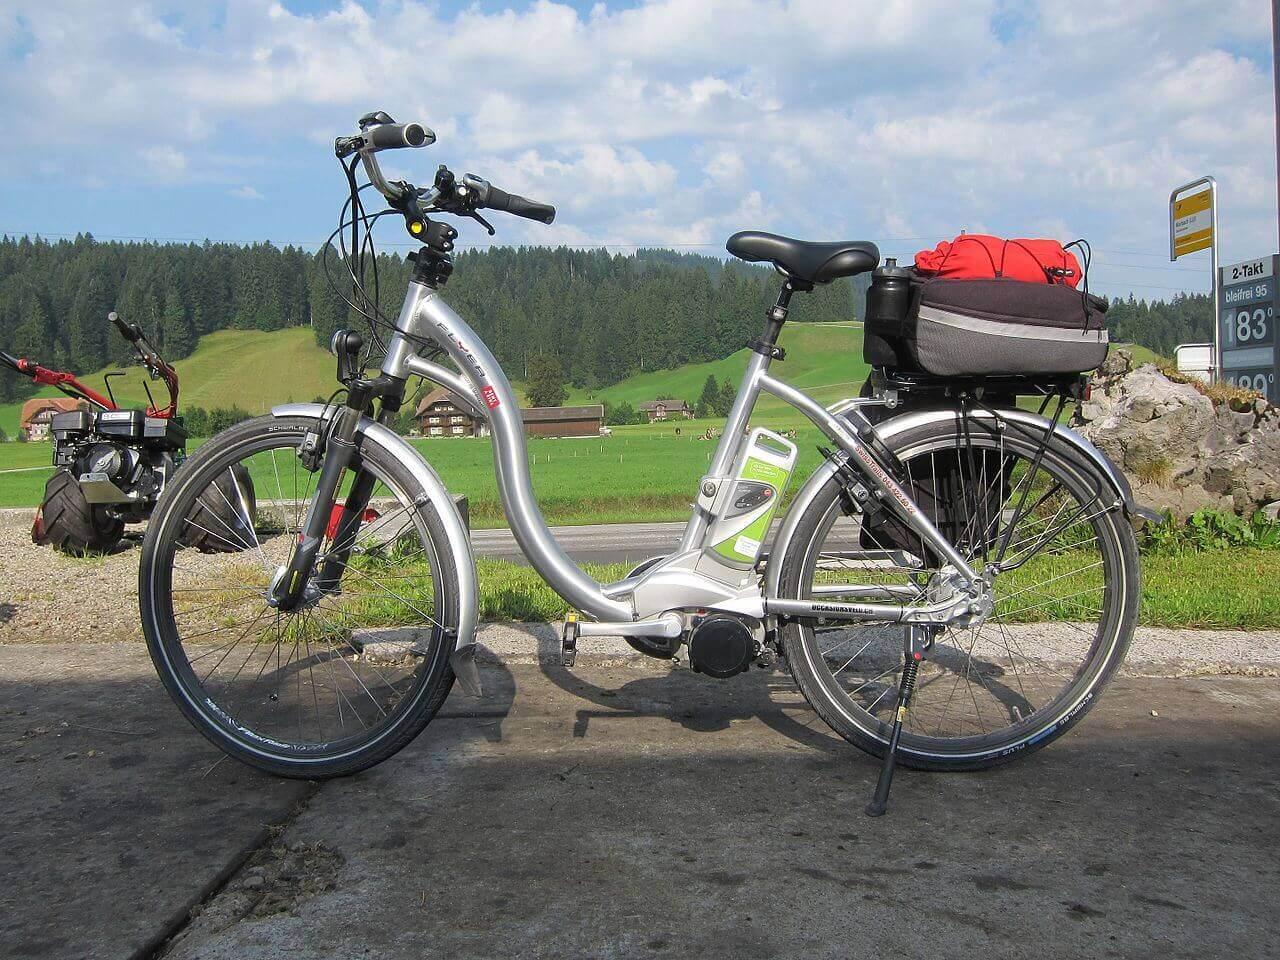 AB'den Çin E-Bisikletlerine Sübvansiyon Soruşturması